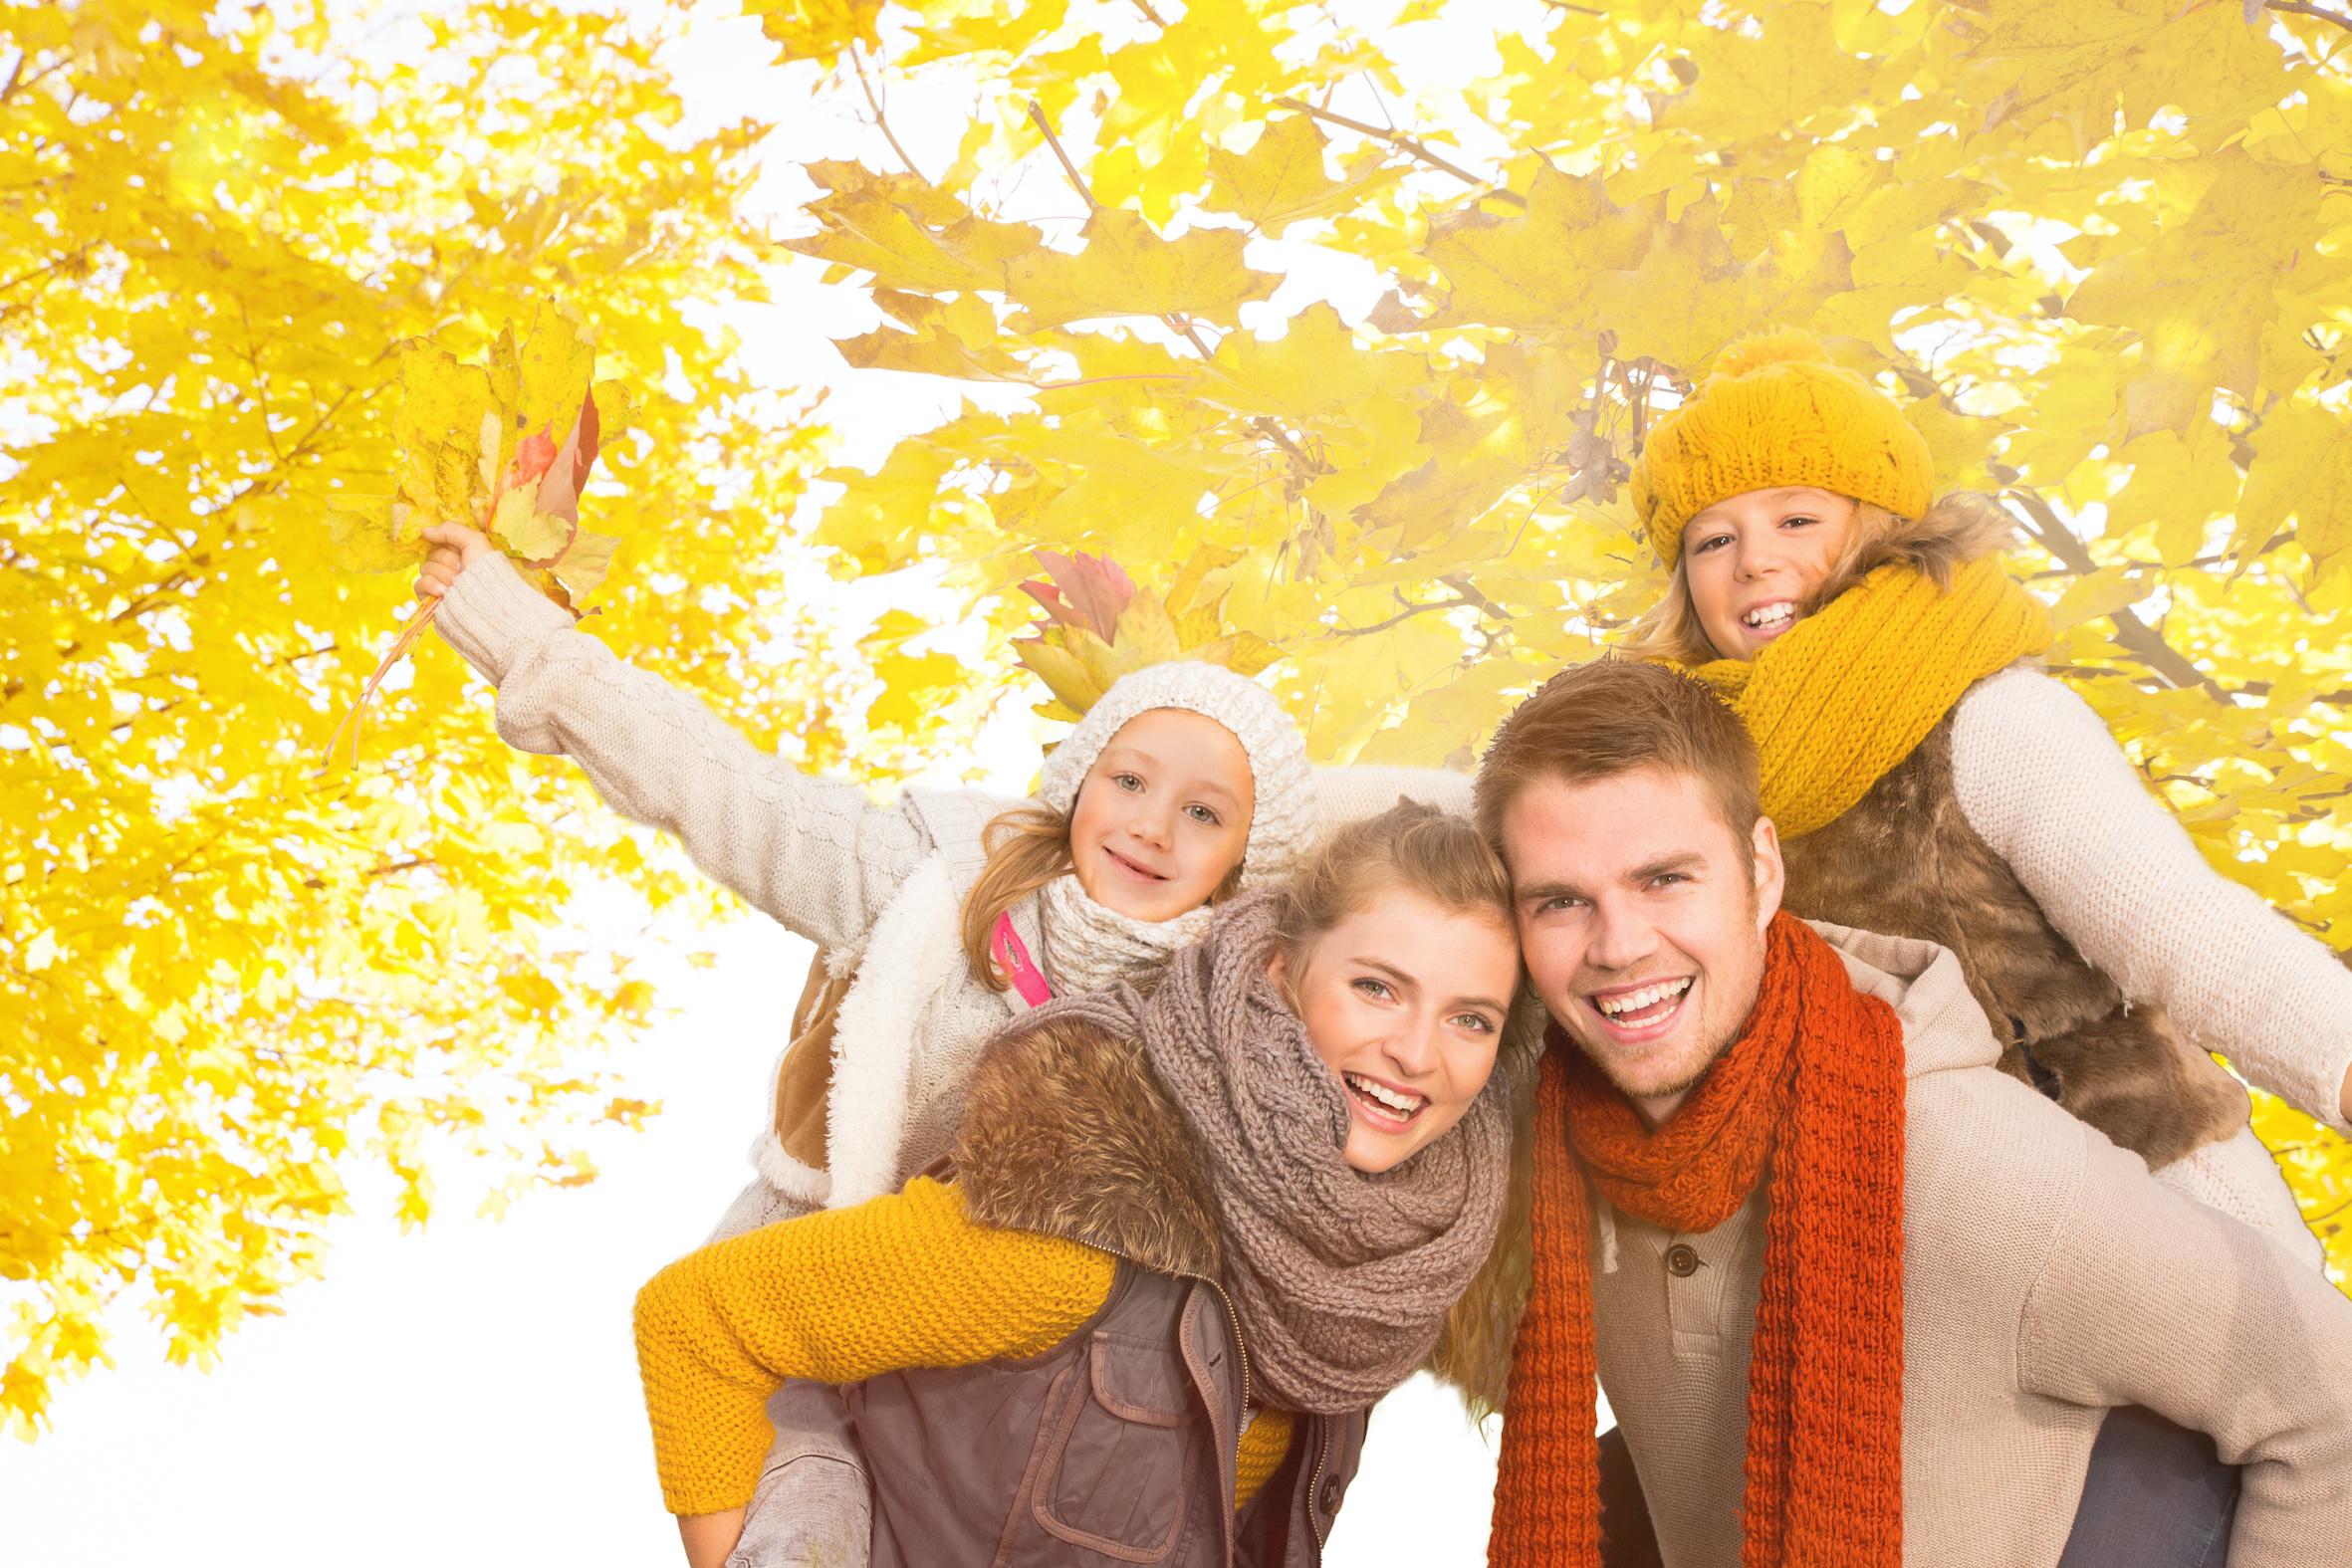 Immunsystem stärken: 5 Tipps für weniger Erkältungen im Herbst!